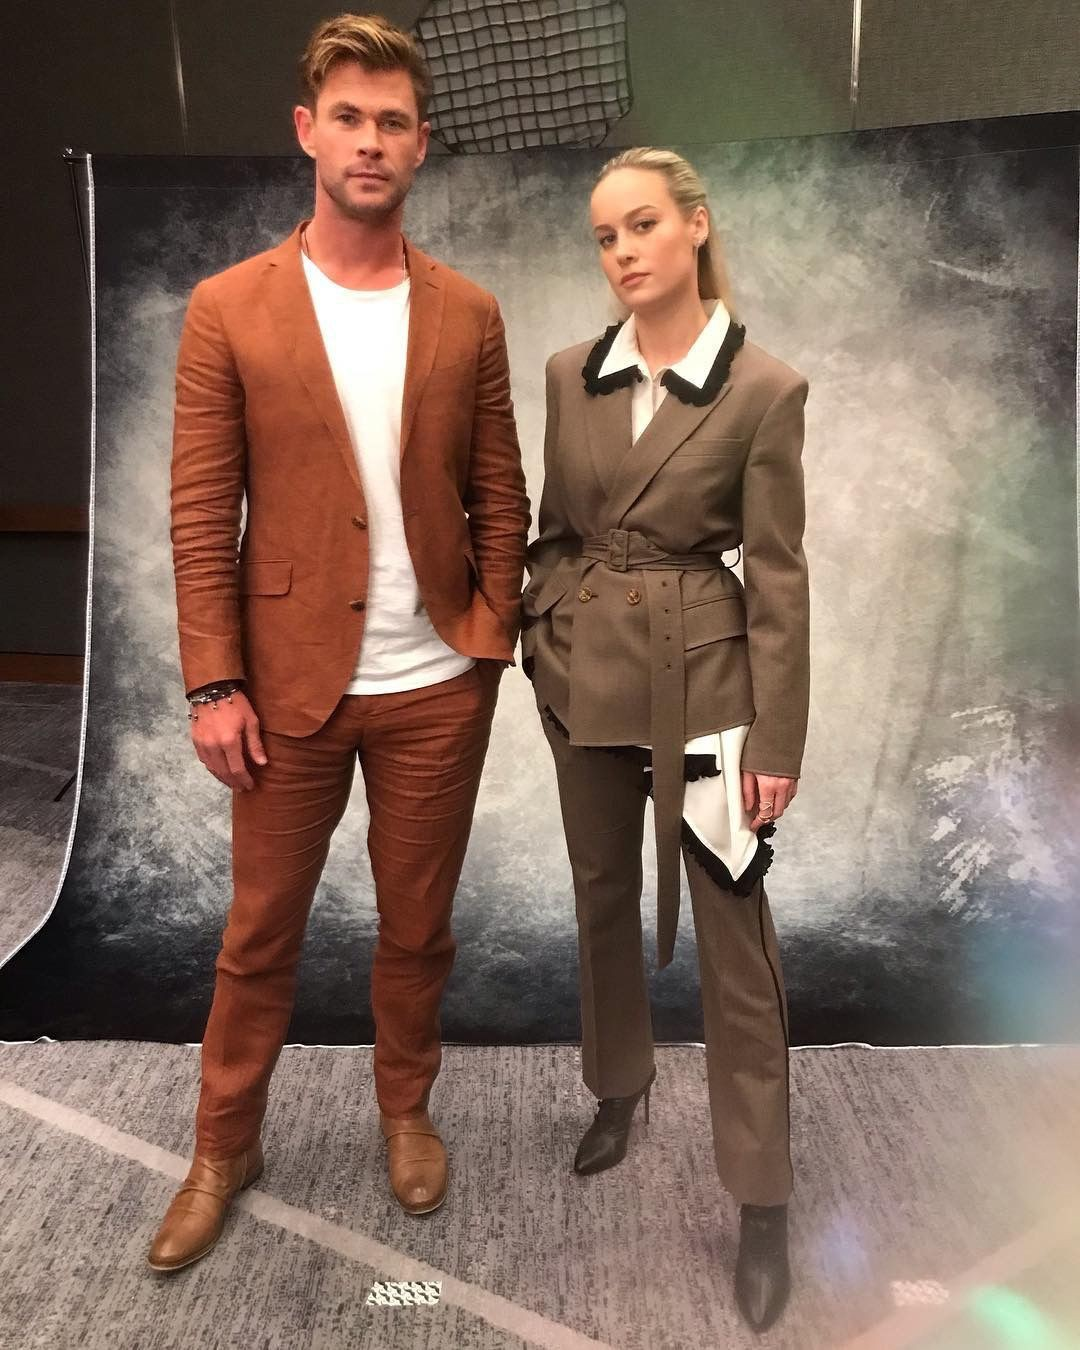 Rộ lên tin đồn Thor Chris Hemsworth xung đột gay gắt cùng Captain Marvel Brie Larson trong quá trình quảng bá phim - Ảnh 1.